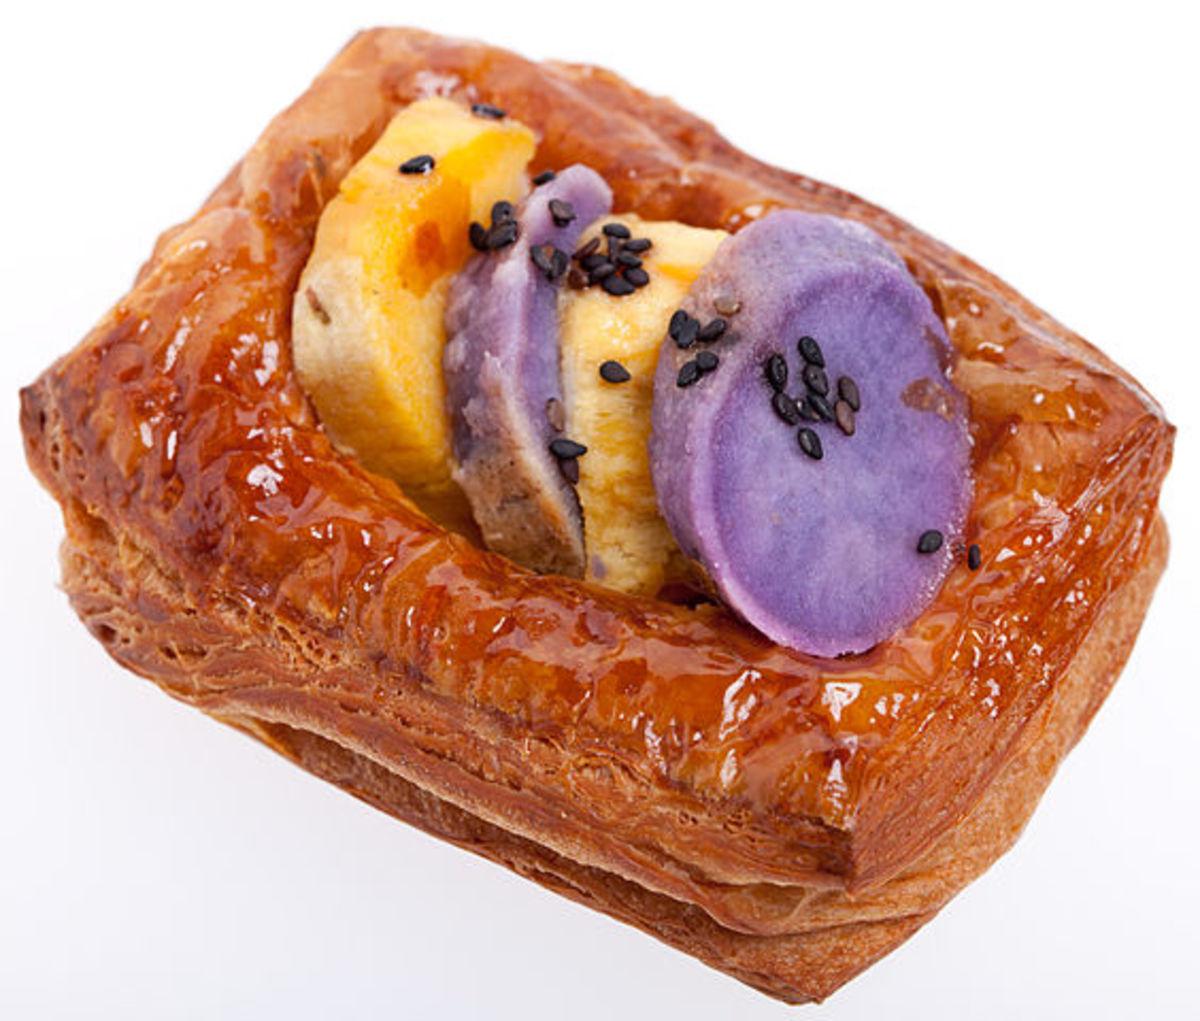 sweet potato pastry